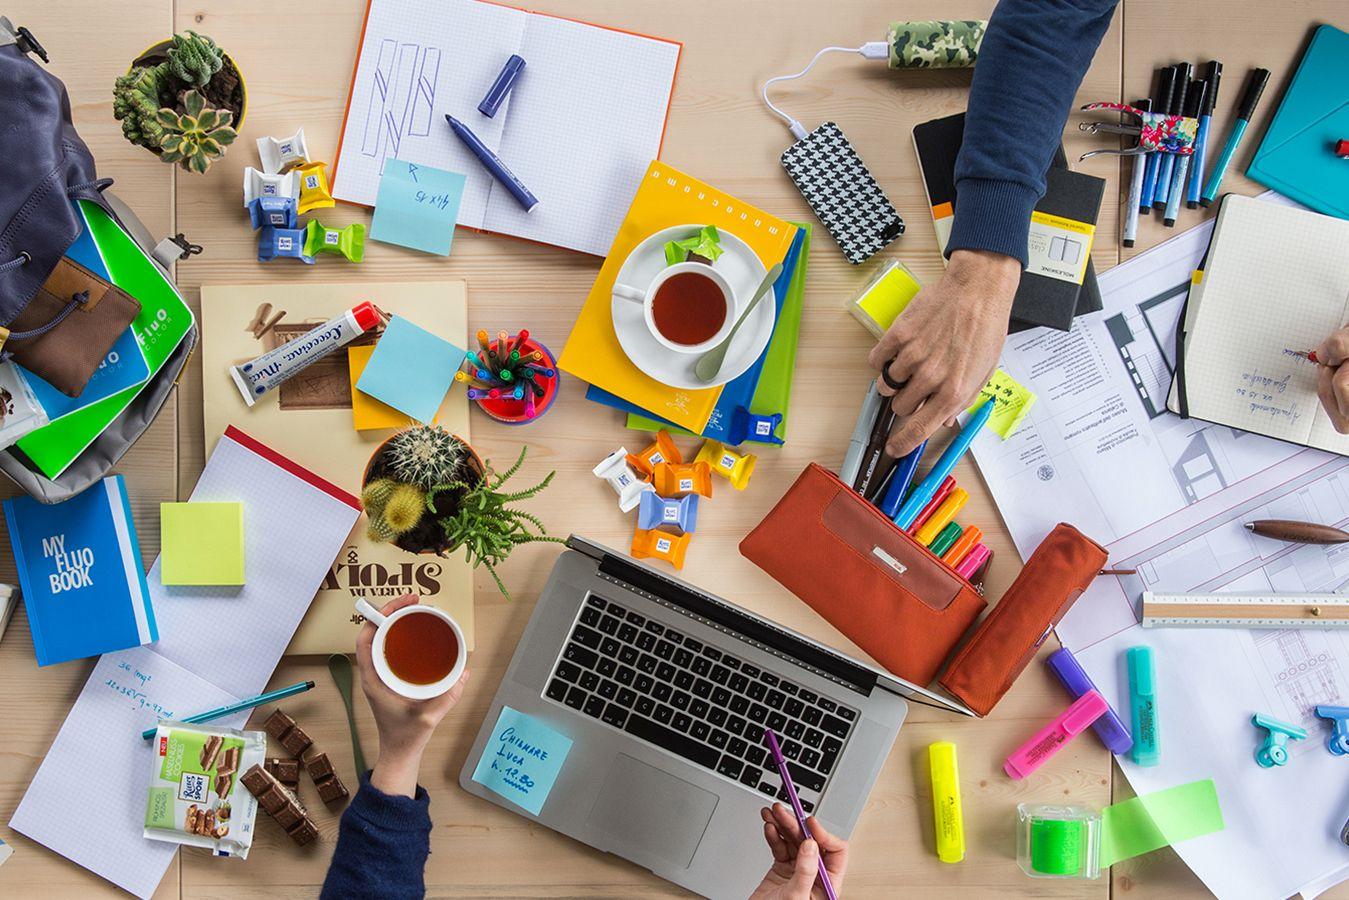 Tutto per l'ufficio | Ufficio, Prodotto